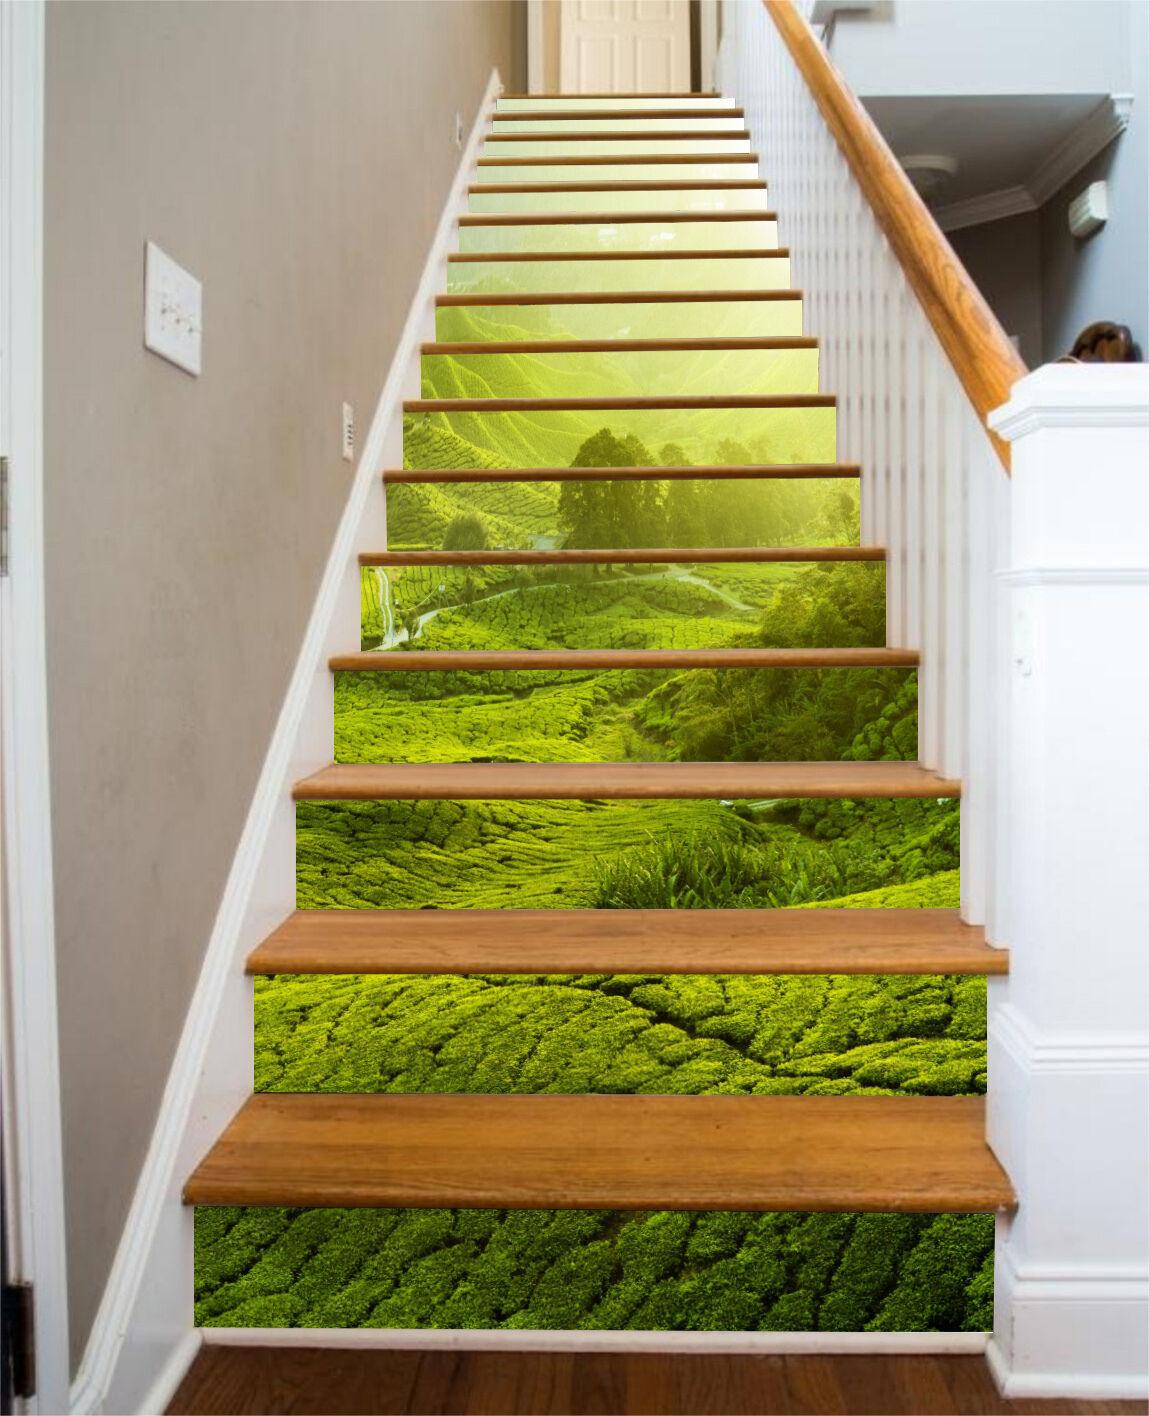 3D Grn Rasen 4672 Stair Risers Dekoration Fototapete Vinyl Aufkleber Tapete DE